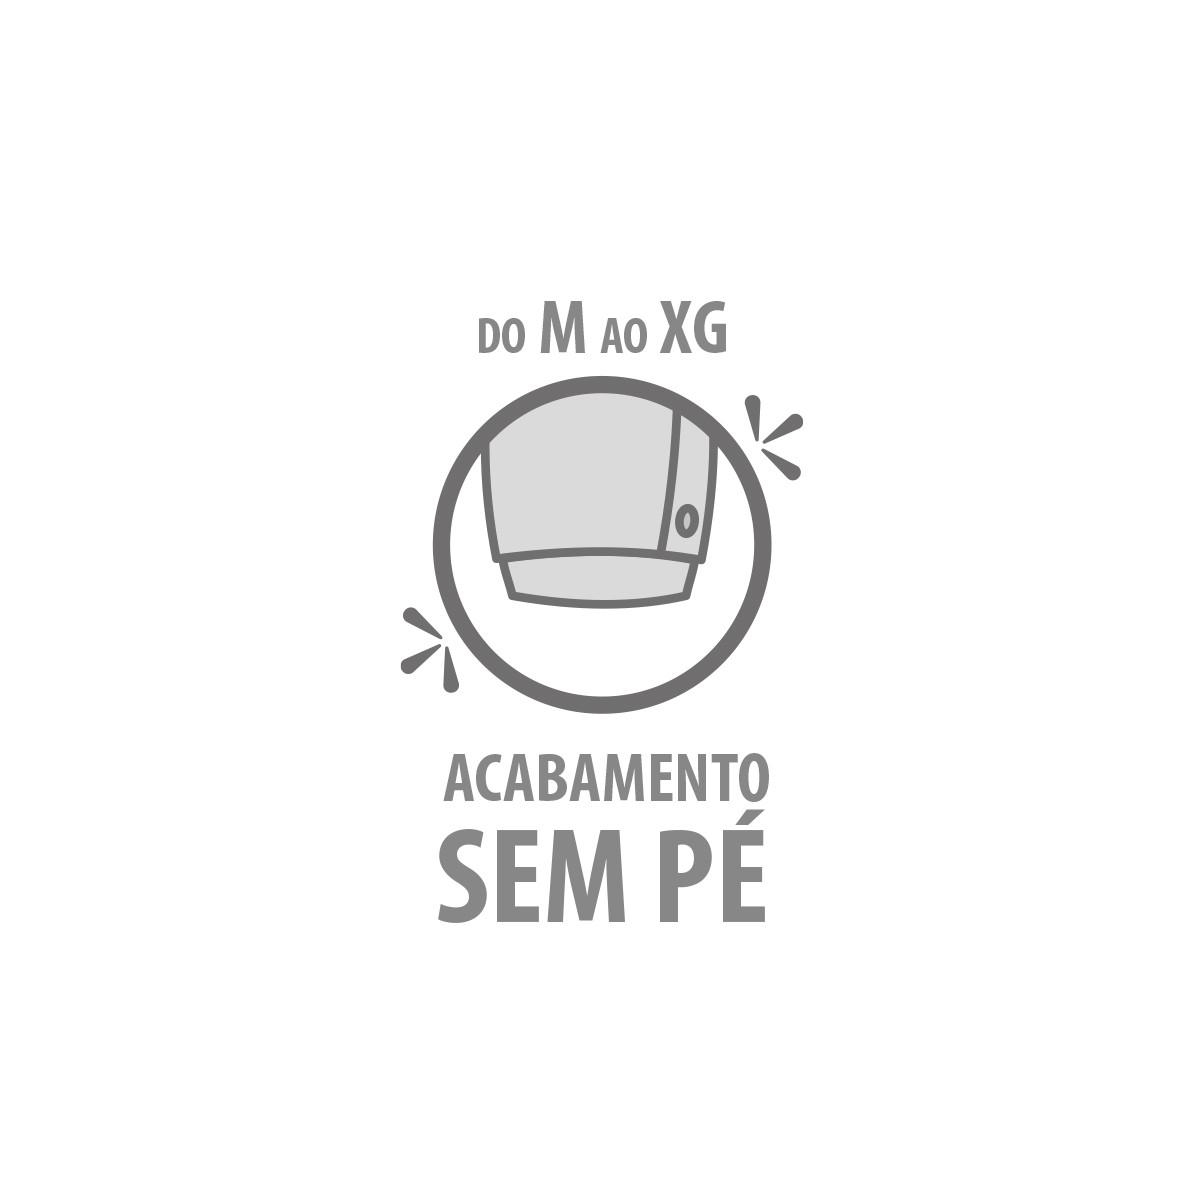 Macacão Básico Corações Vinho - Tamanhos RN e P com pezinho; M, G e XG sem pezinho  - Piu Blu